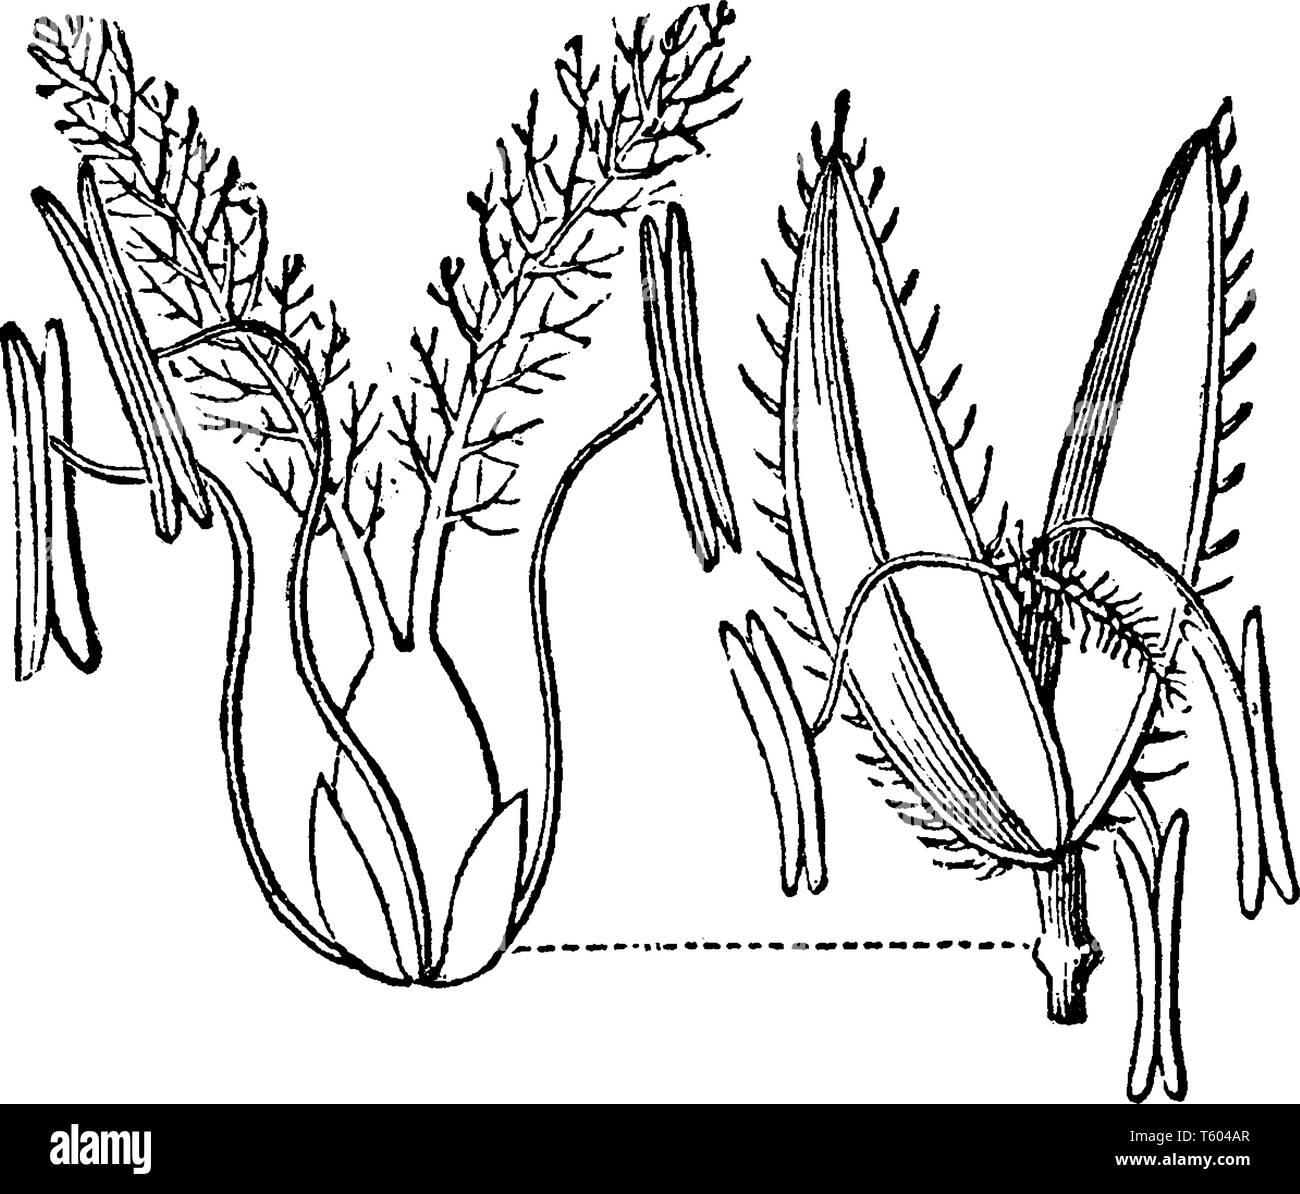 El Arroz Es De 2 3 Cutgrass De Altura Y Las Hojas Son